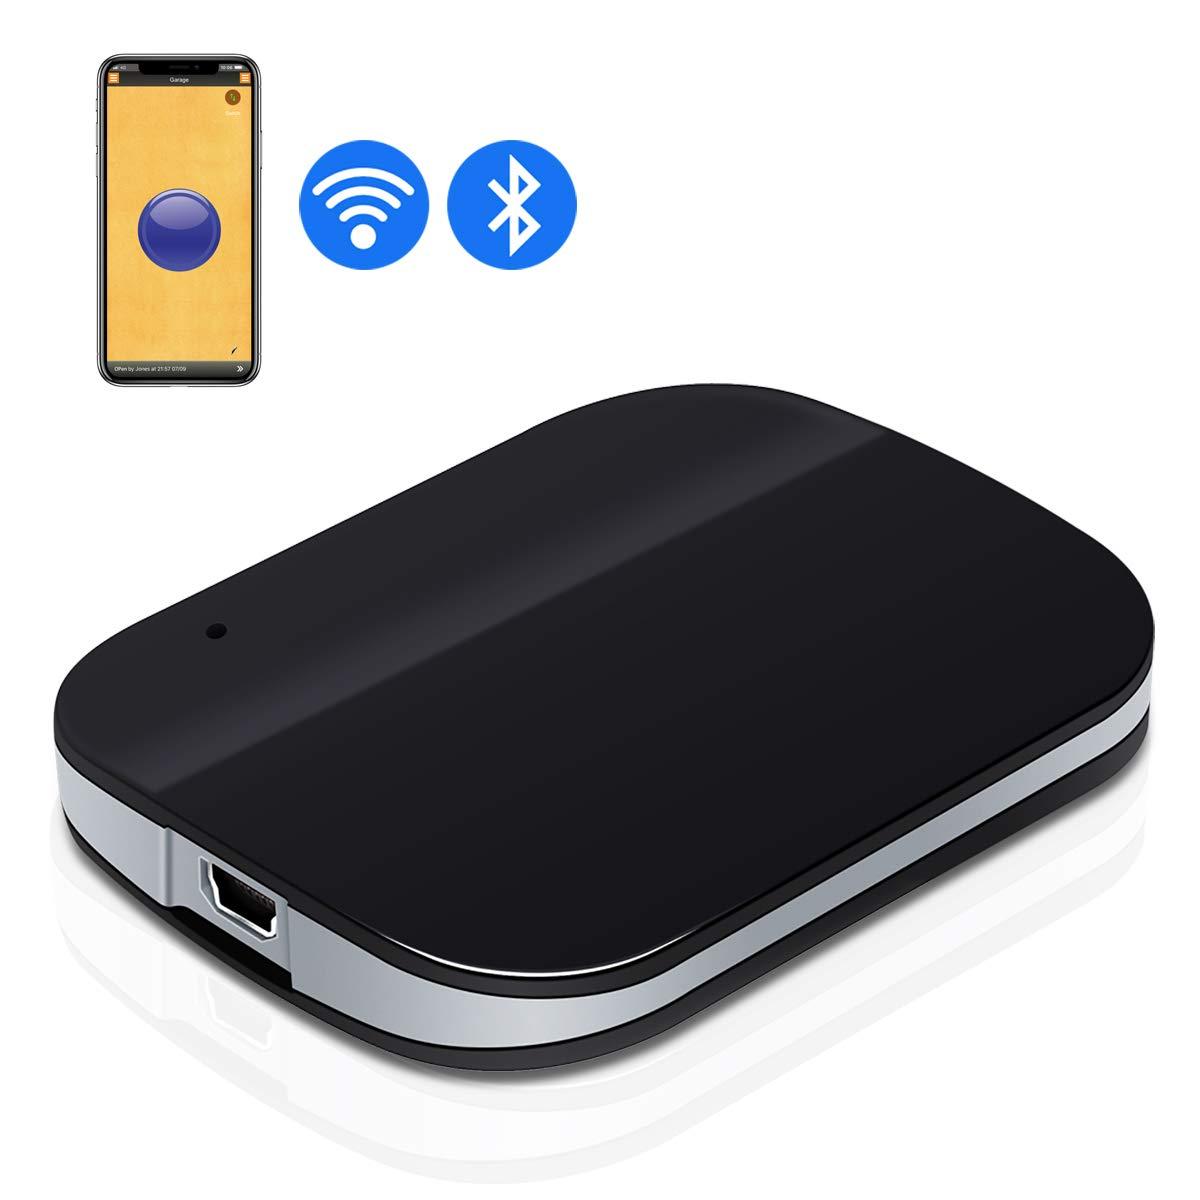 DATONTEN Smart Bluetooth & Wi-Fi Garage Door Opener Wireless Garage Door Remote, Open and Close Garage Doors from Anywhere with Your Smartphone